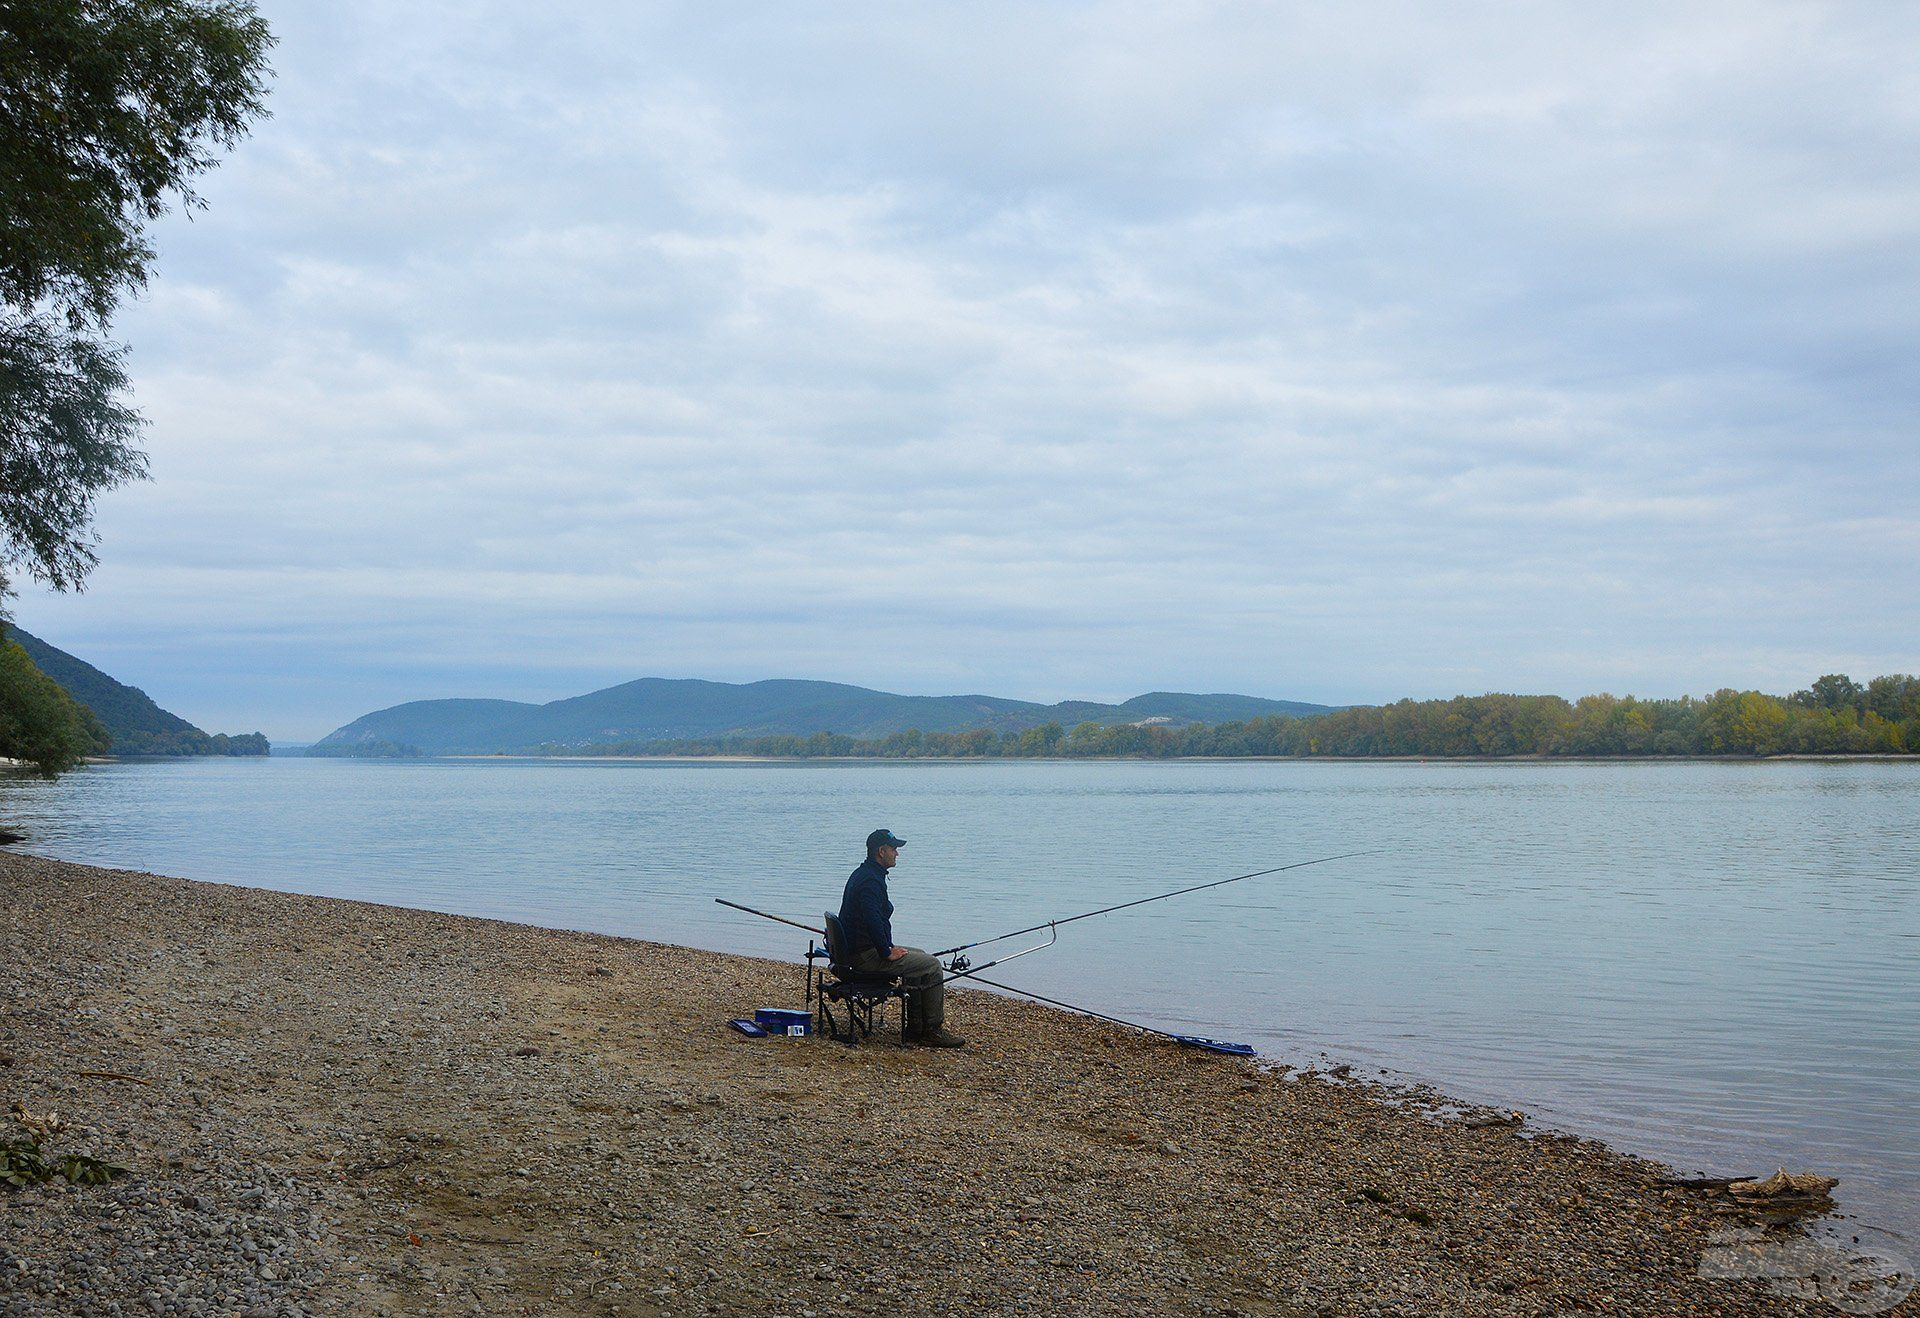 Ebből az írásból és filmből kiderül, mi szükséges ahhoz, hogy sok halat fogjunk a nagy folyón